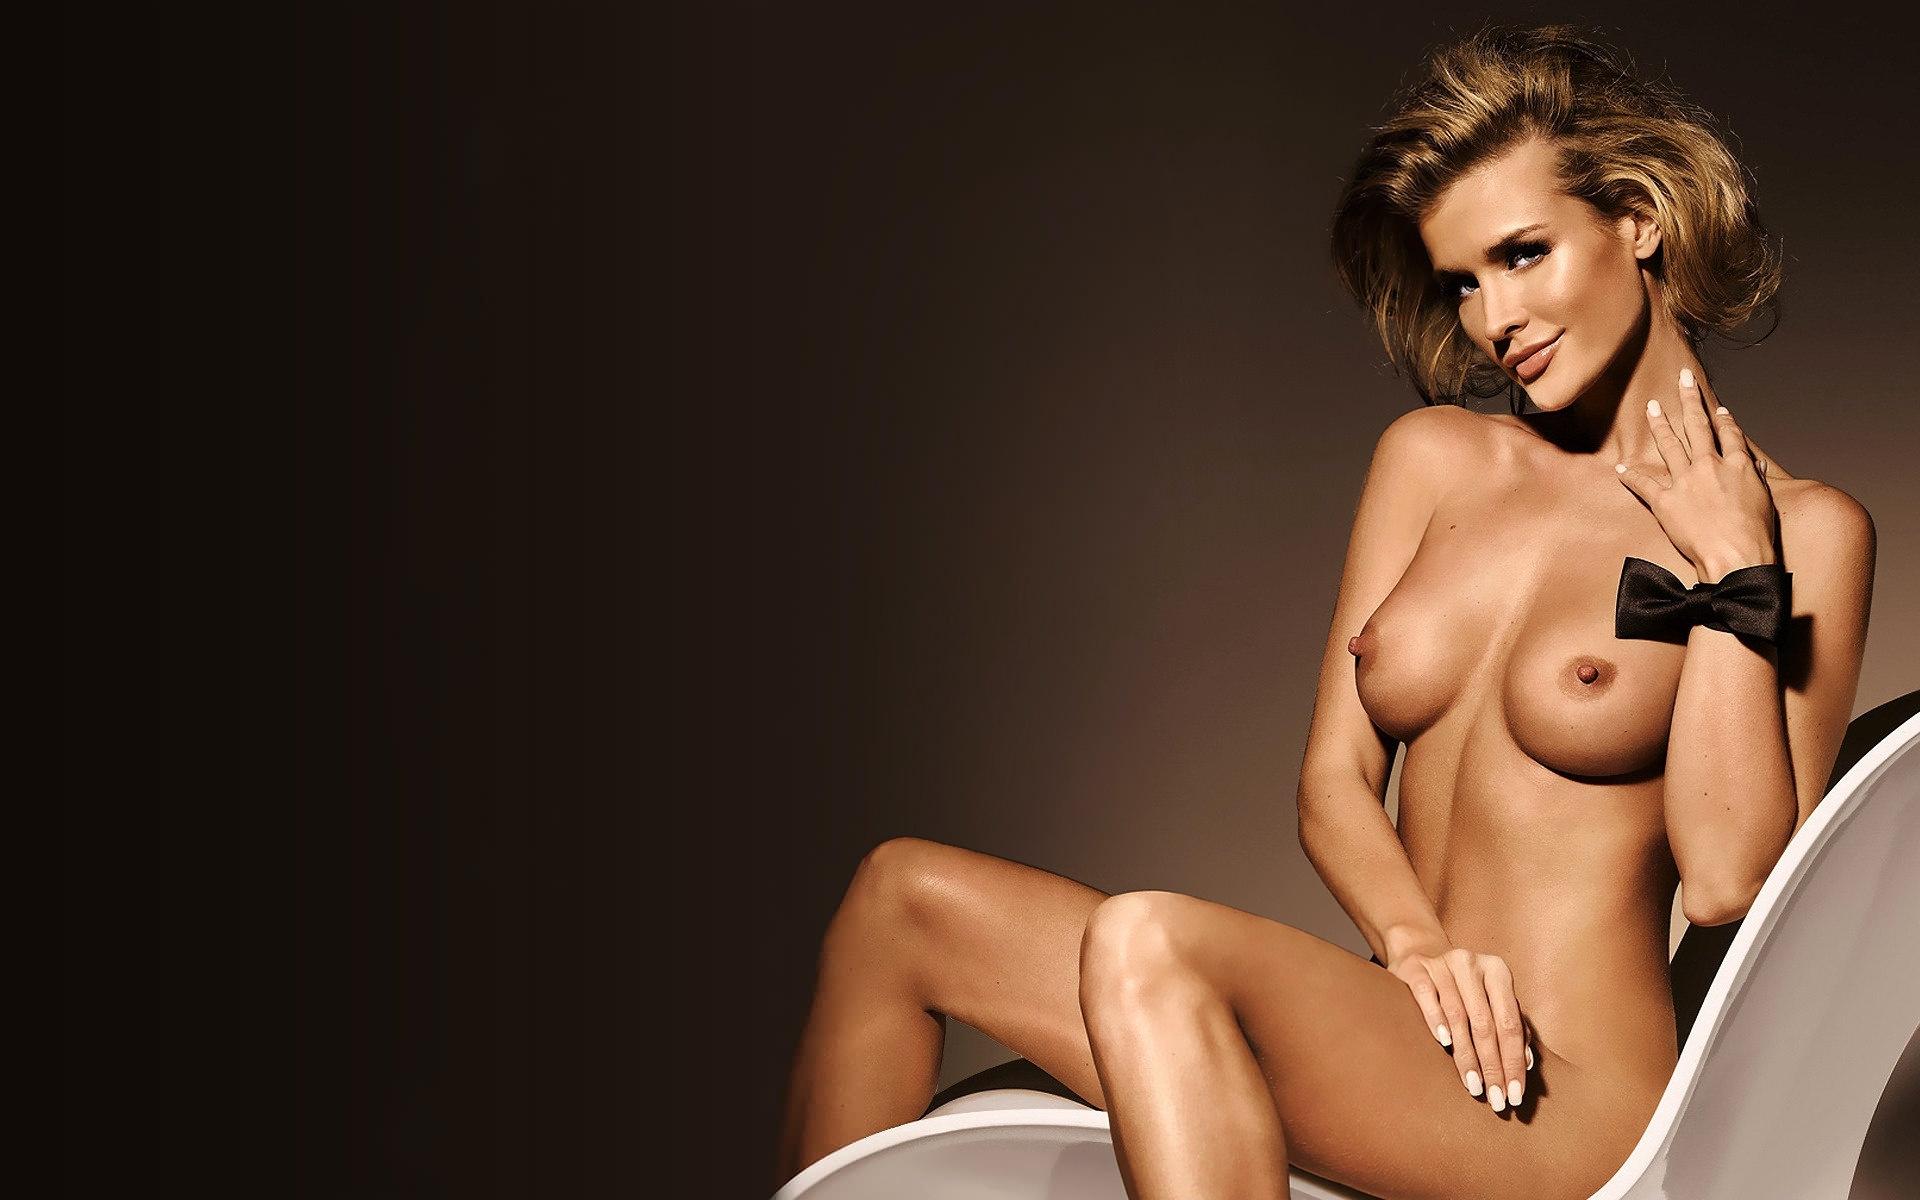 foto-originalnie-eroticheskie-foto-zvezd